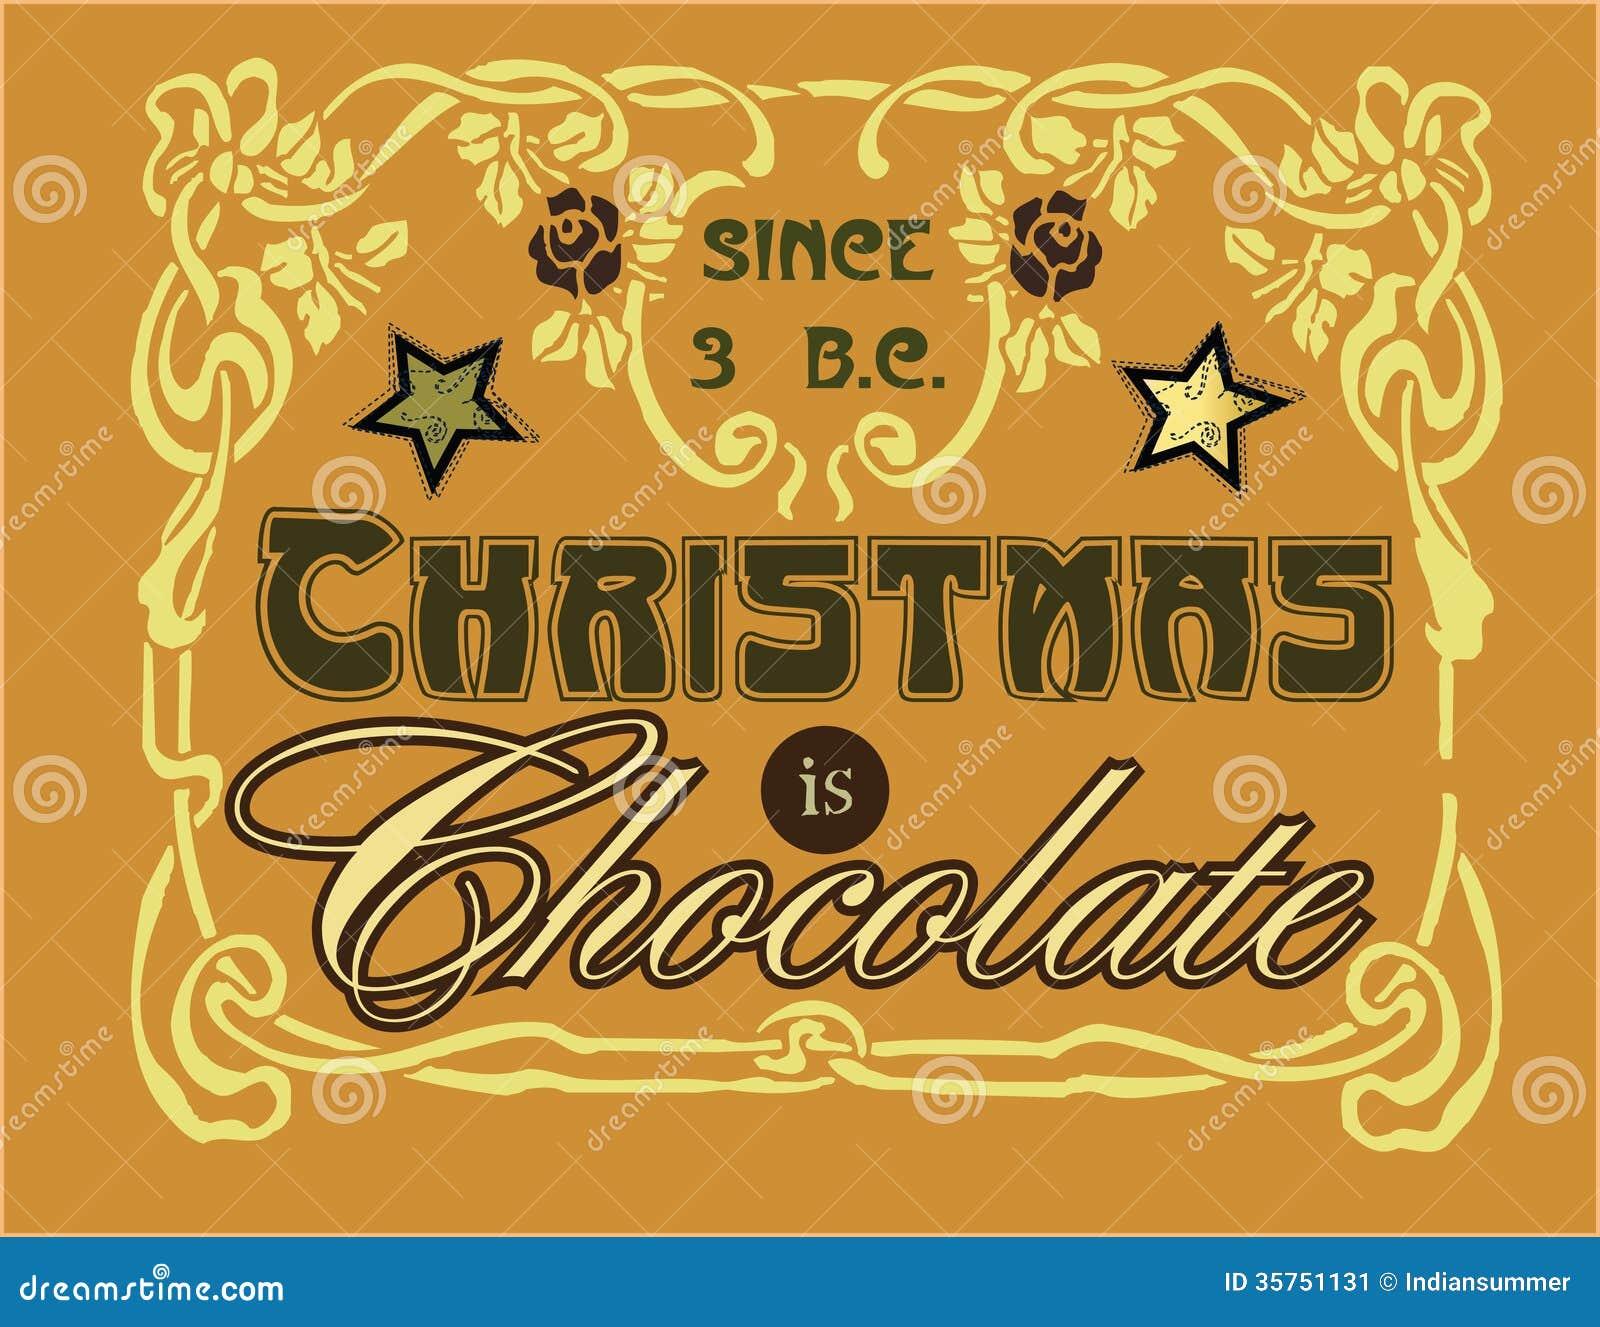 Τα Χριστούγεννα είναι σοκολατένια